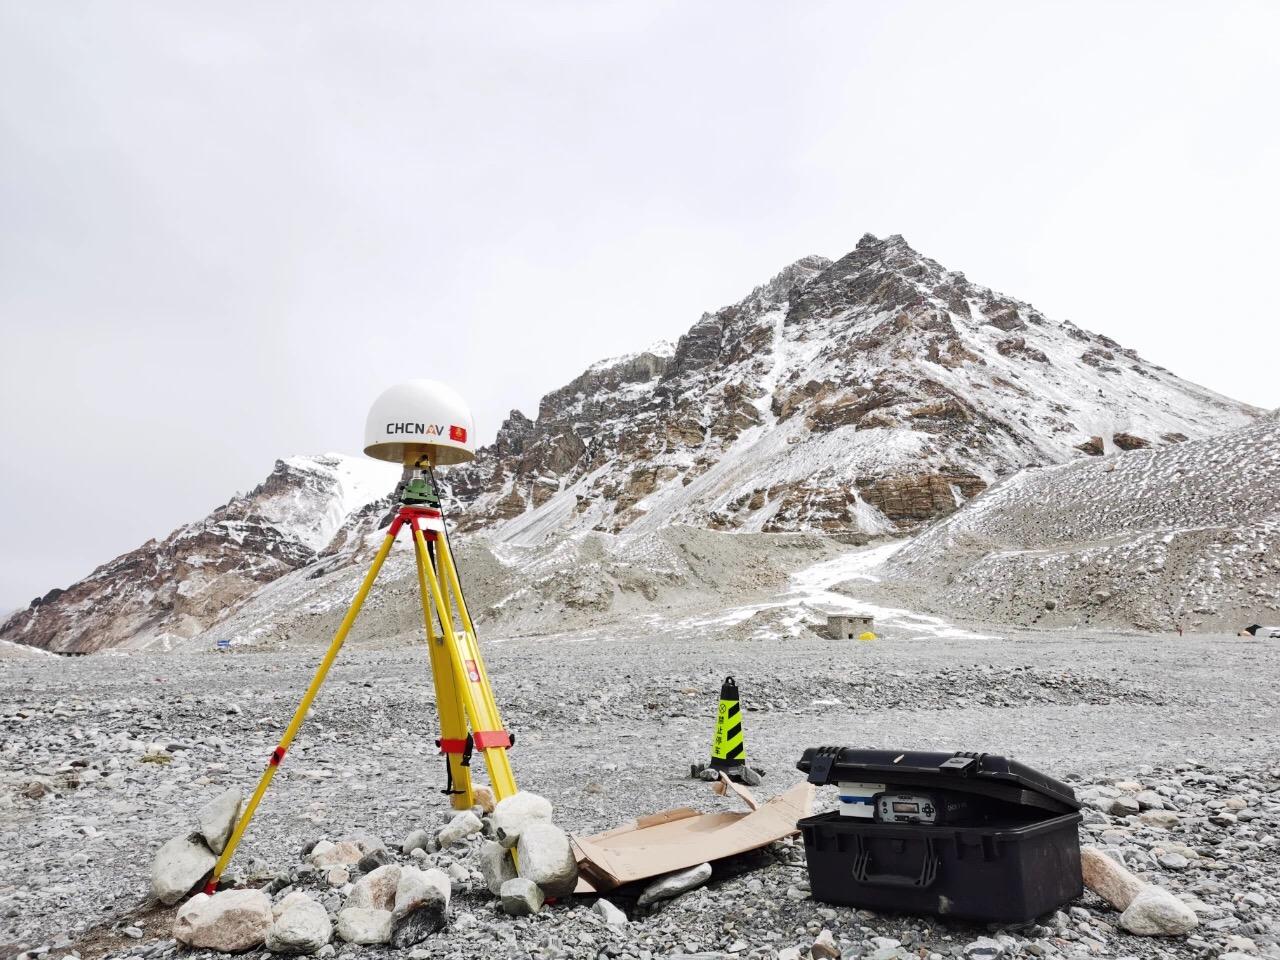 致敬攀登者!三军行助力中国高程测量登山队登顶成功!